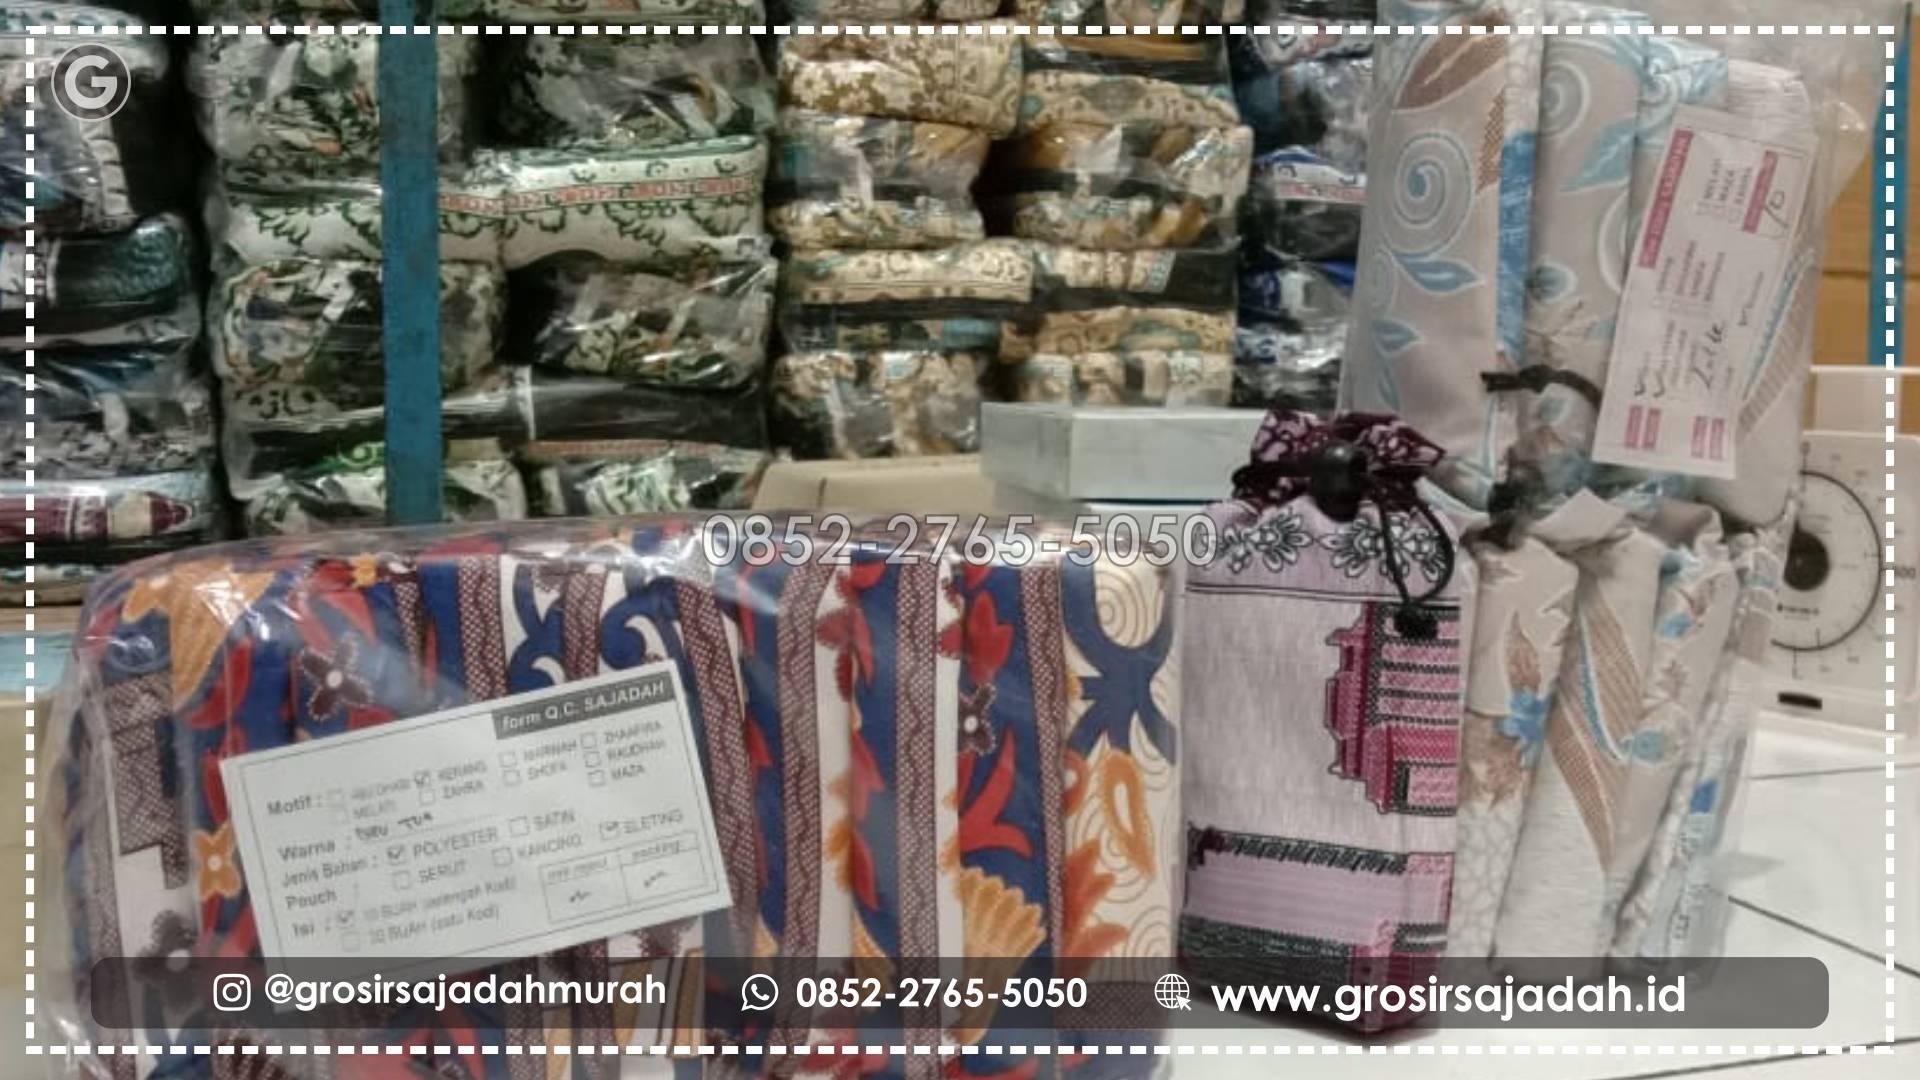 Pusat Grosir Sajadah Makassar Harga Terjangkau